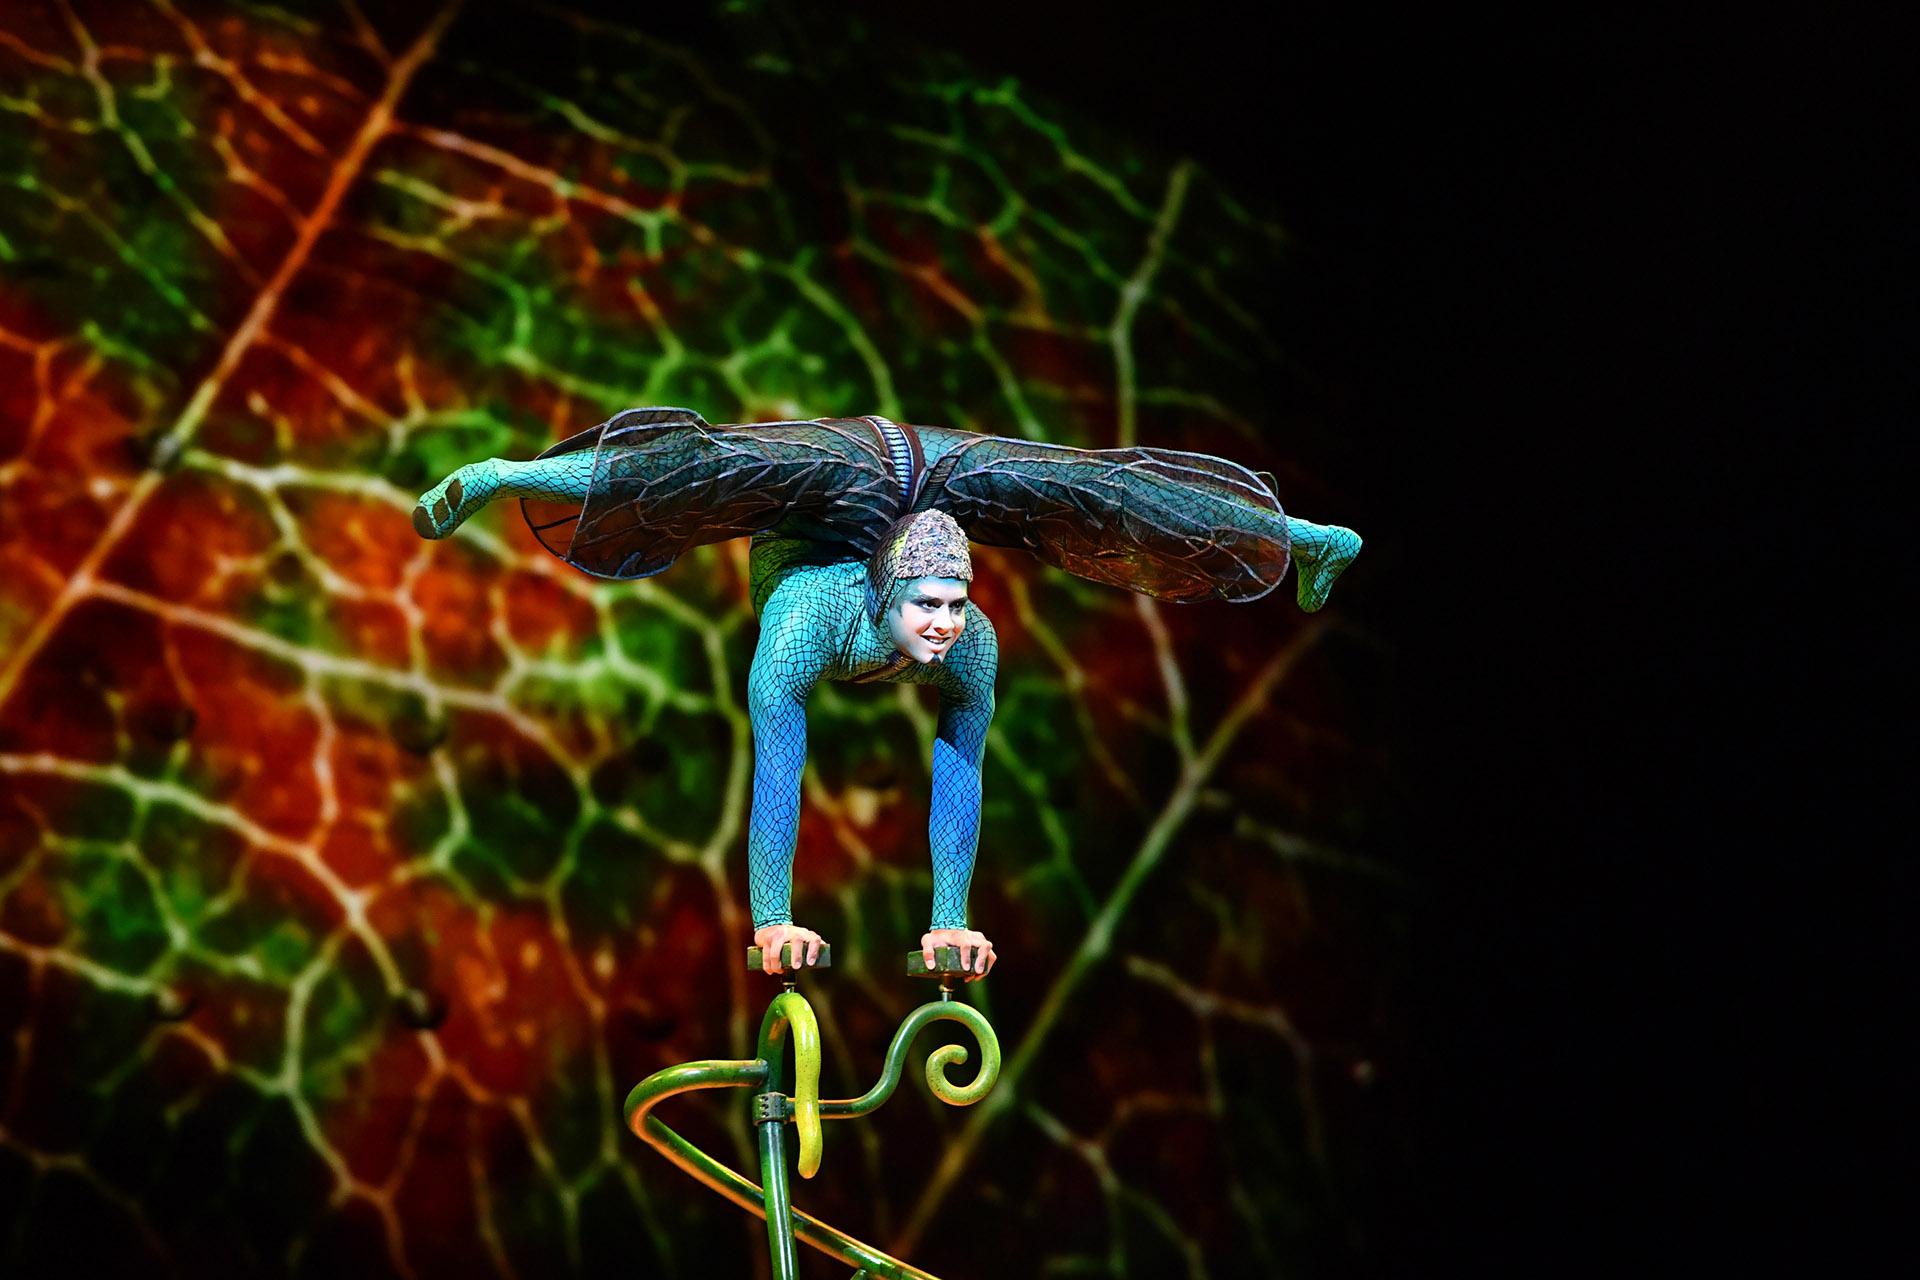 """Luego de su estreno en Montreal, Canadá,""""OvO"""" viajó por más de treinta ciudades en seis países distintos en el formato """"Big Top Show"""" (Cirque du Soleil)"""